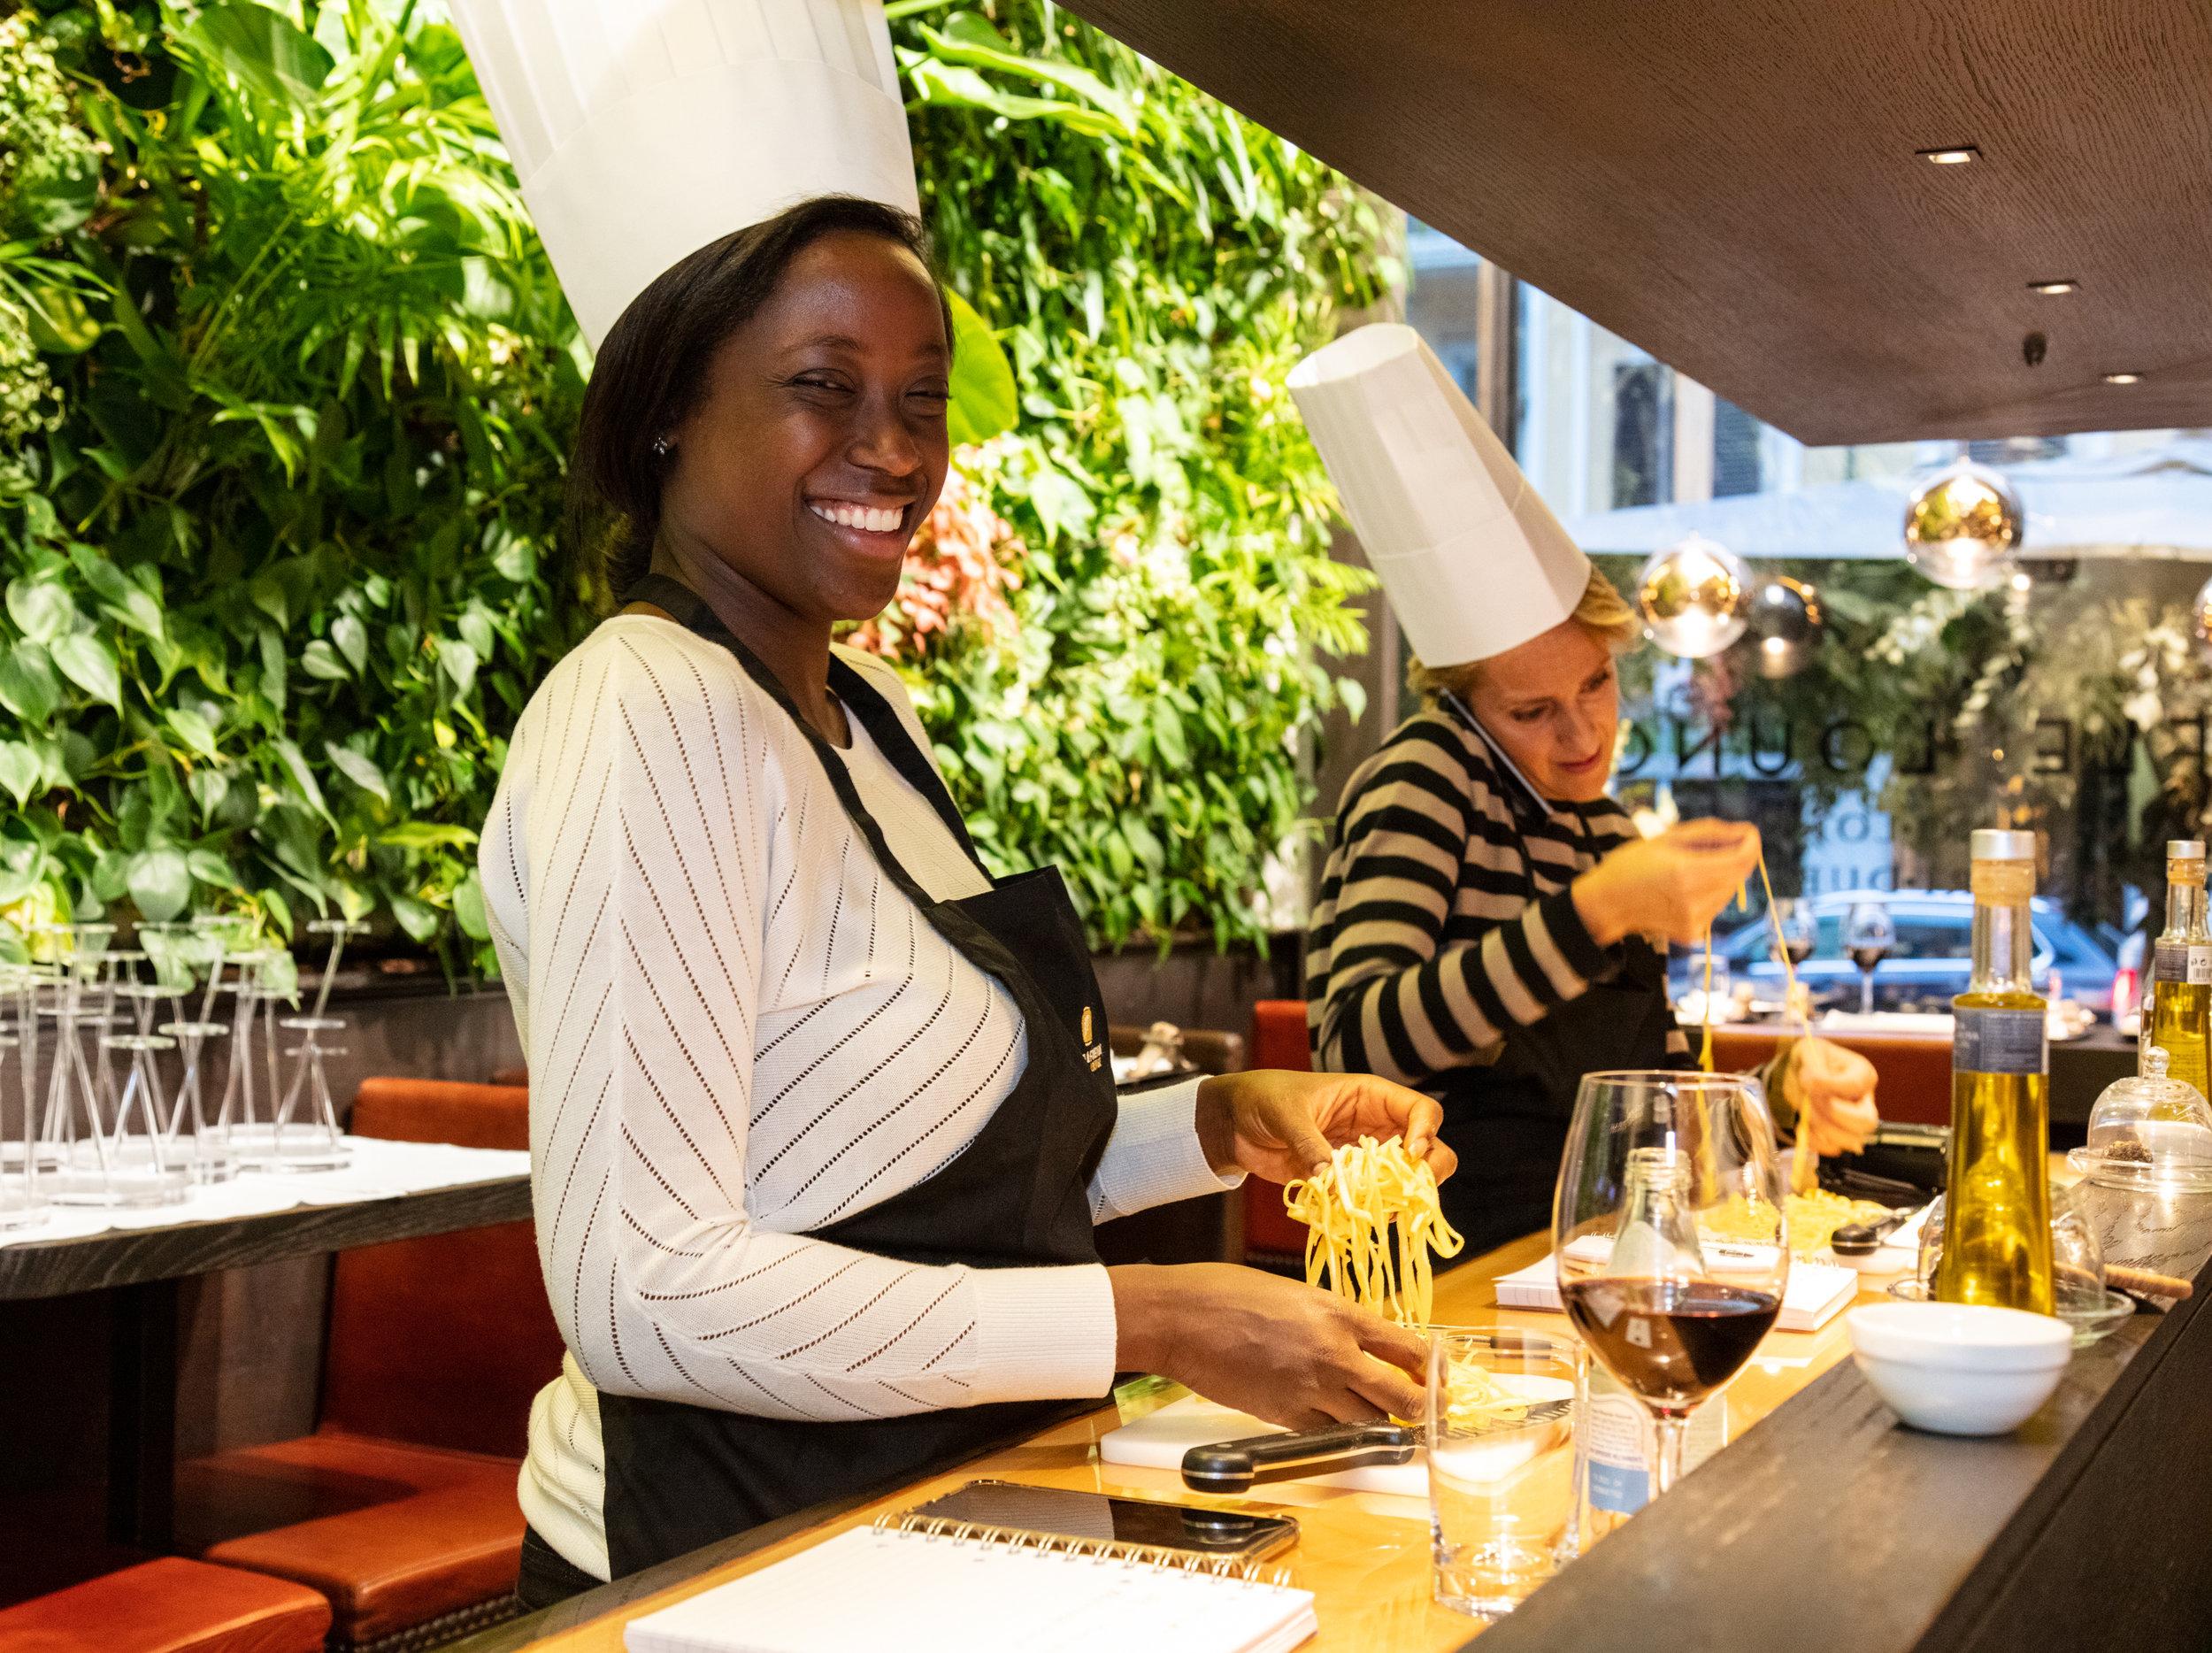 cooking class tartufi and friends -6.jpg